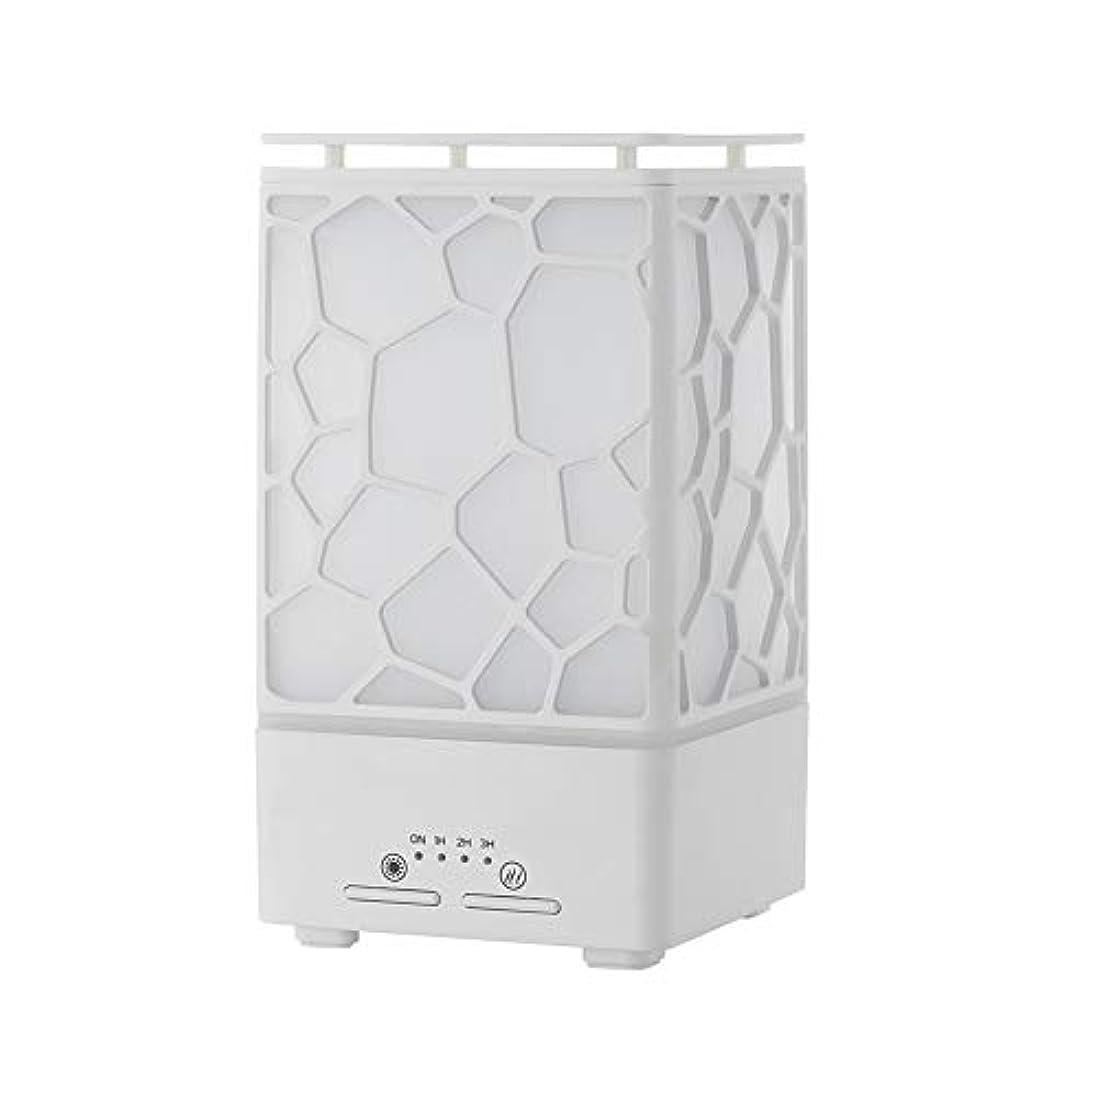 テナントグリーンバックトランクデスク ミニ ウォーターキューブ 加湿器,涼しい霧 精油 ディフューザー 超音波式 香り 加湿機 時間 7 色 ホーム Yoga スパ オフィス- 200ml